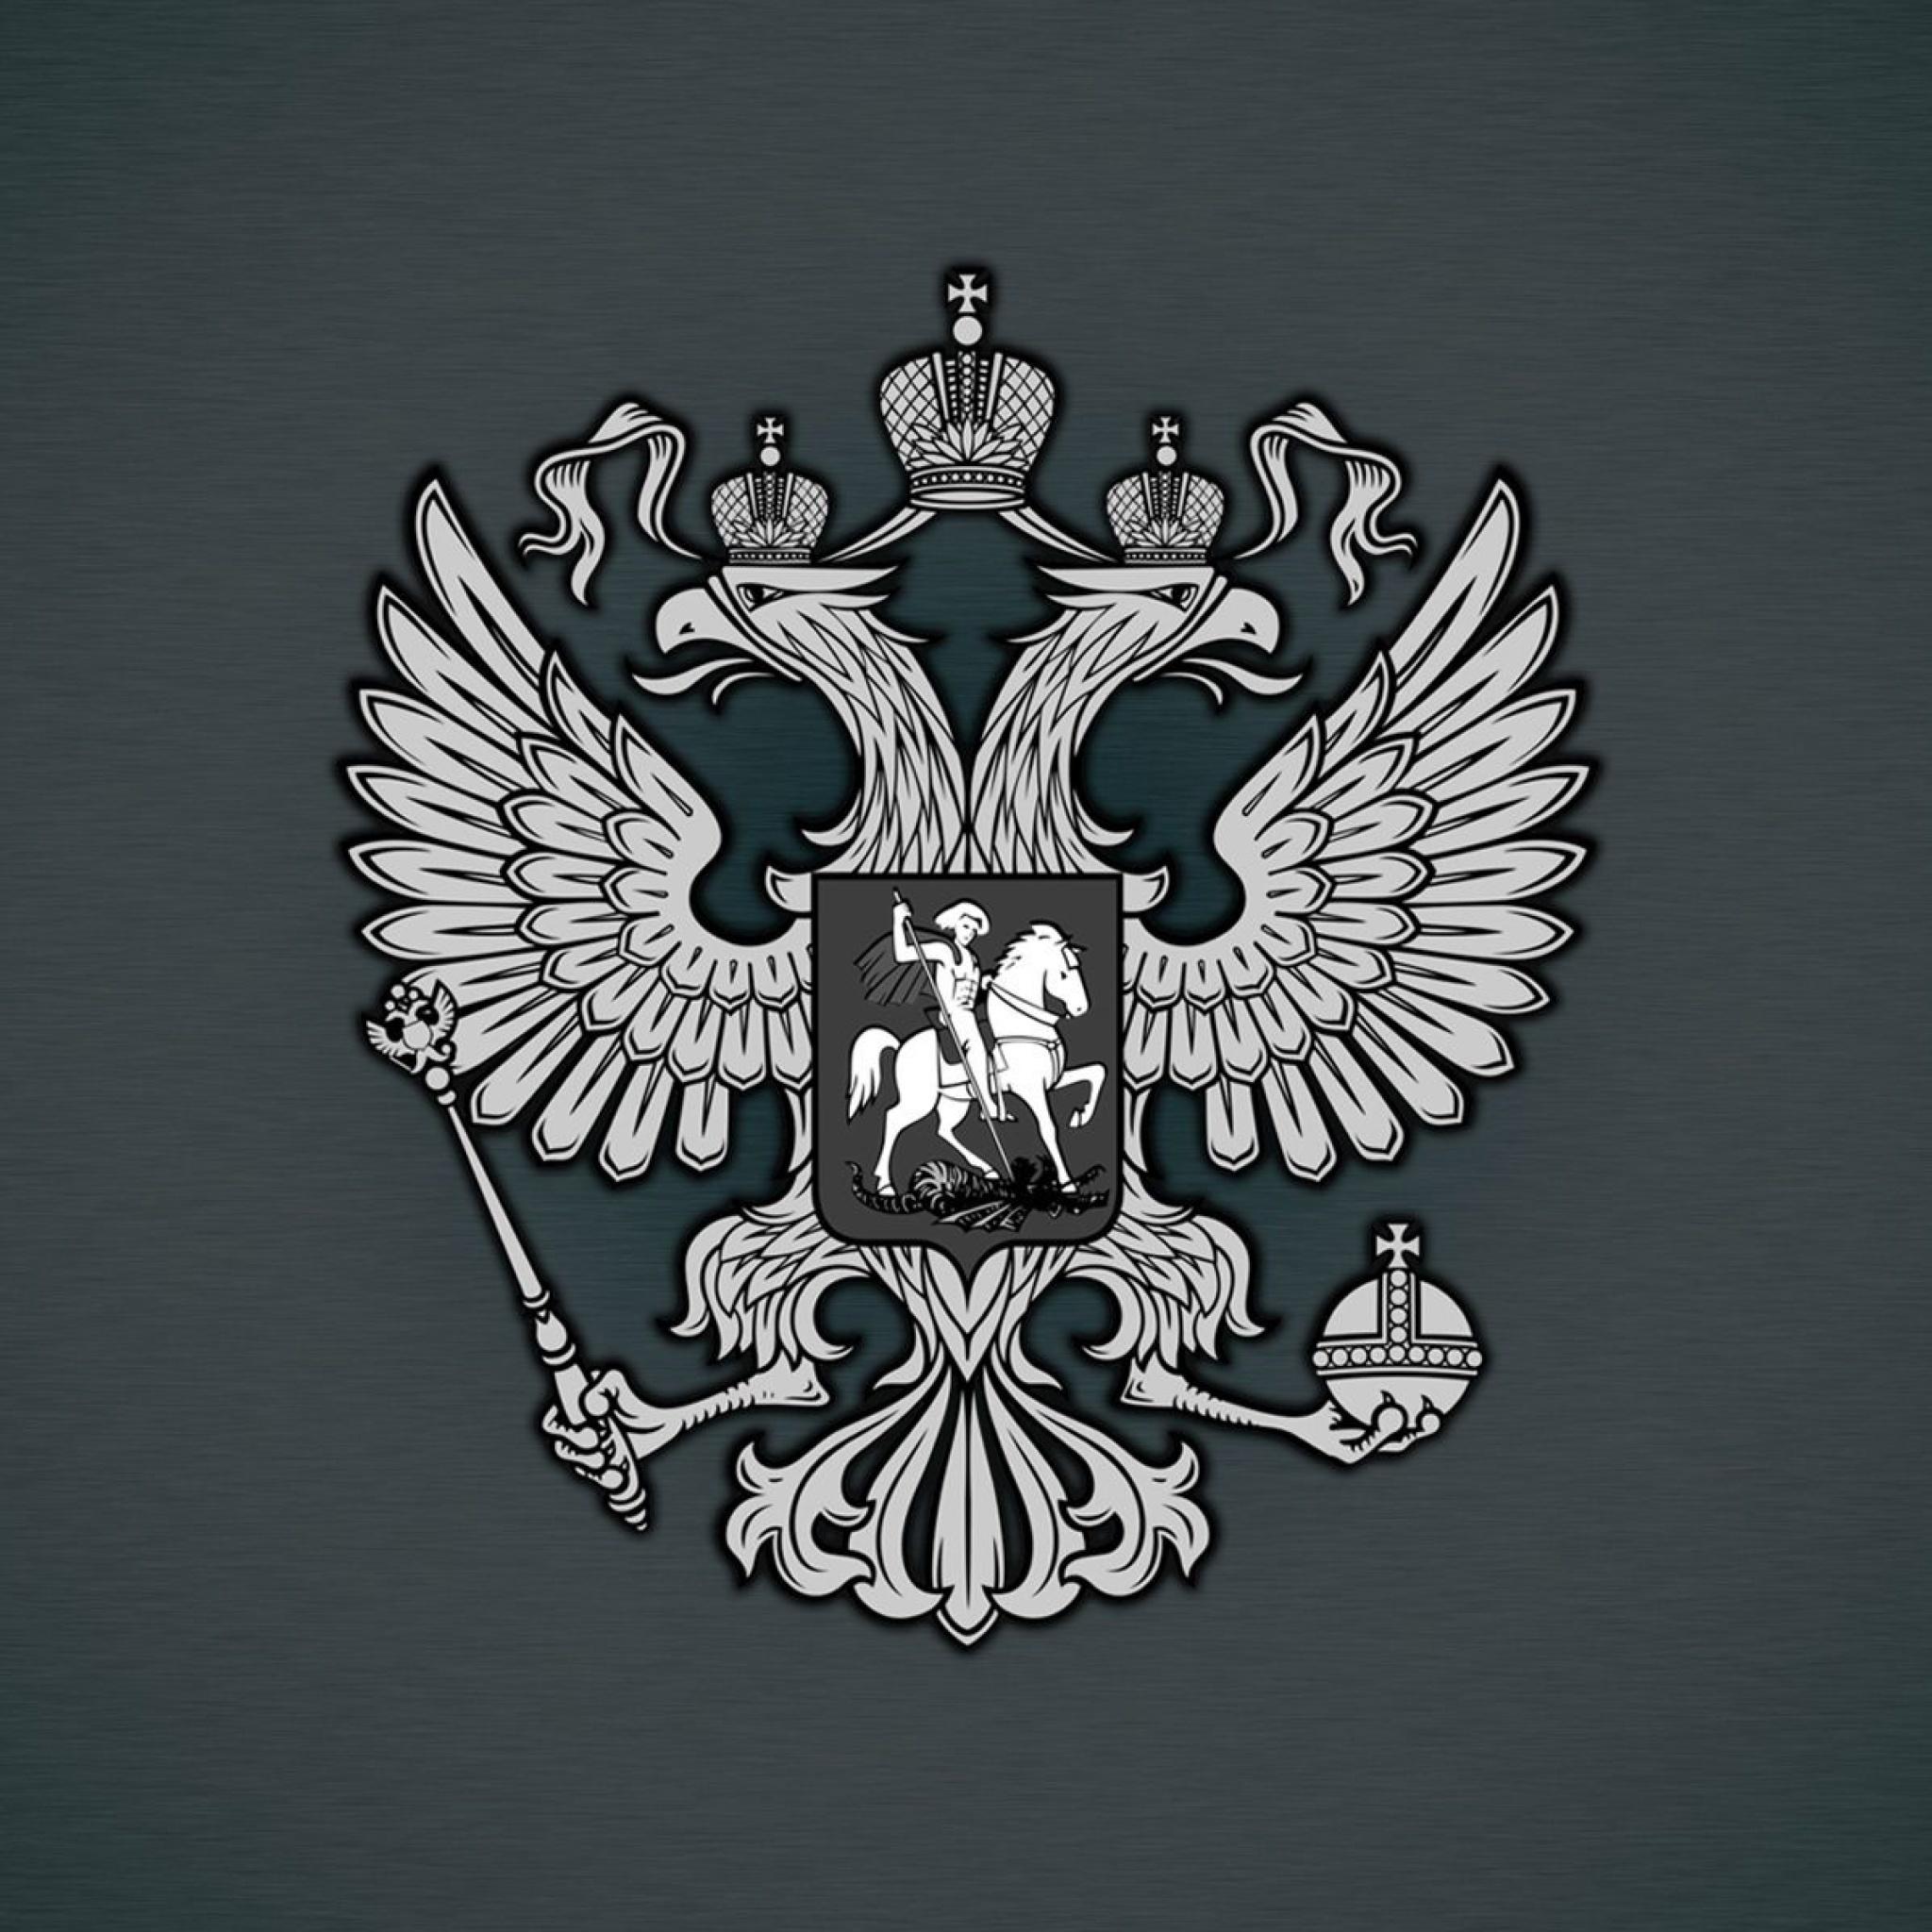 картинки на телефон герб россии этот пост